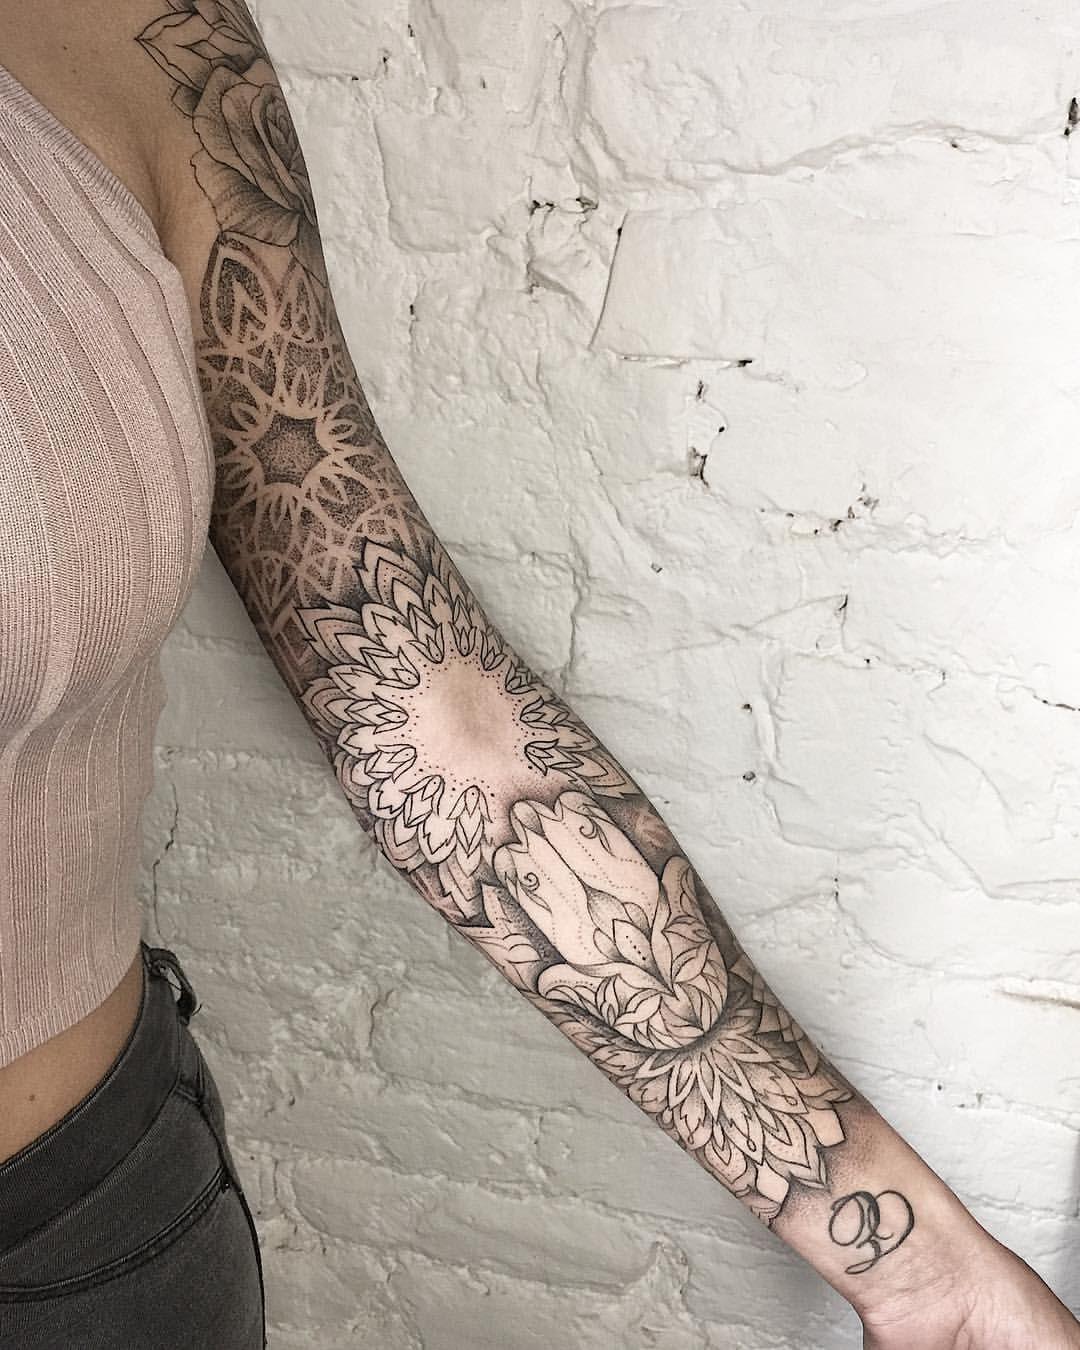 Sleeve Is Done Sum Ttt Dotwork Linework Flowertattoo Lotustattoo Lotus Mandalatattoo Mandala Blackwor Tattoos Sleeve Tattoos For Women Boho Tattoos